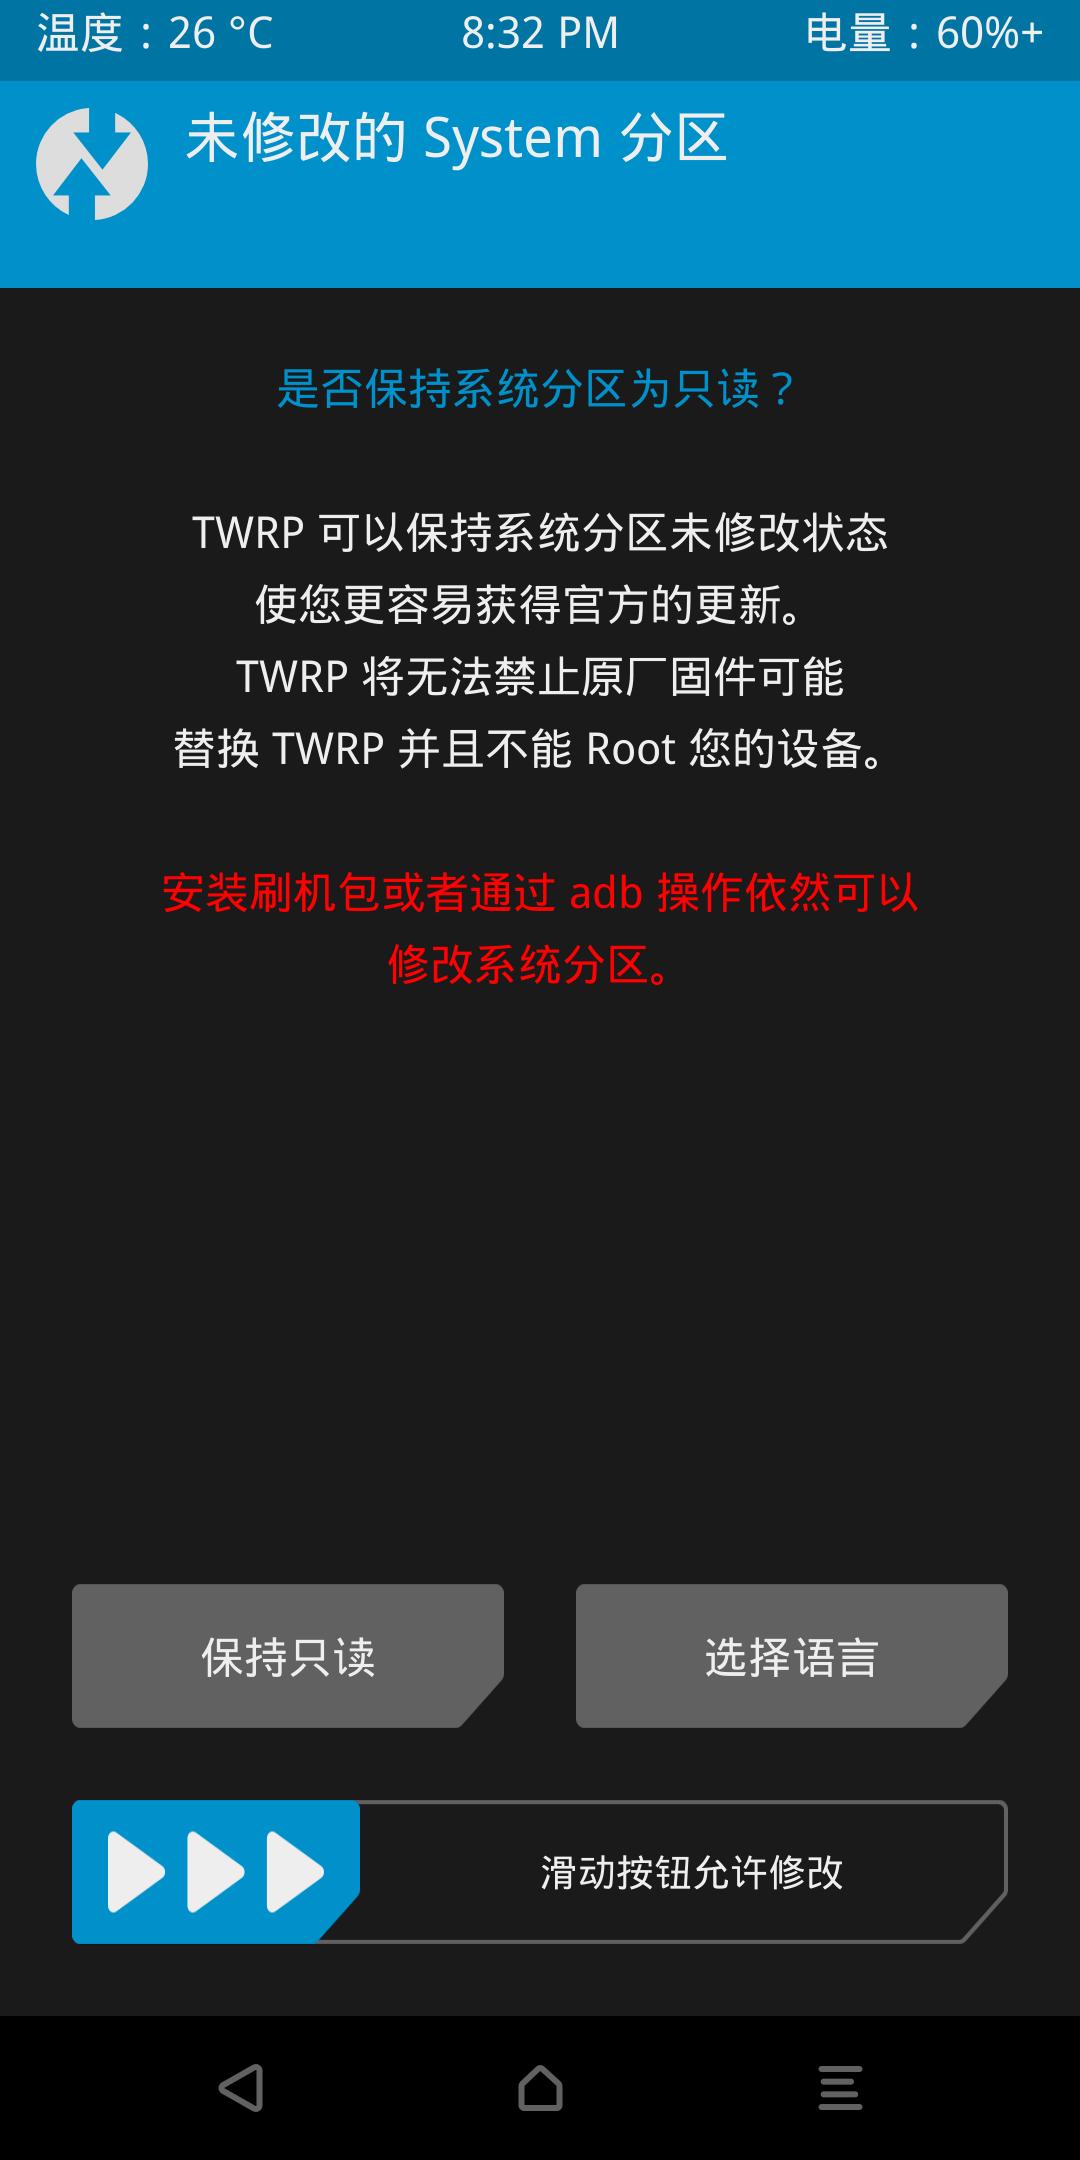 滑动按钮允许修改System分区